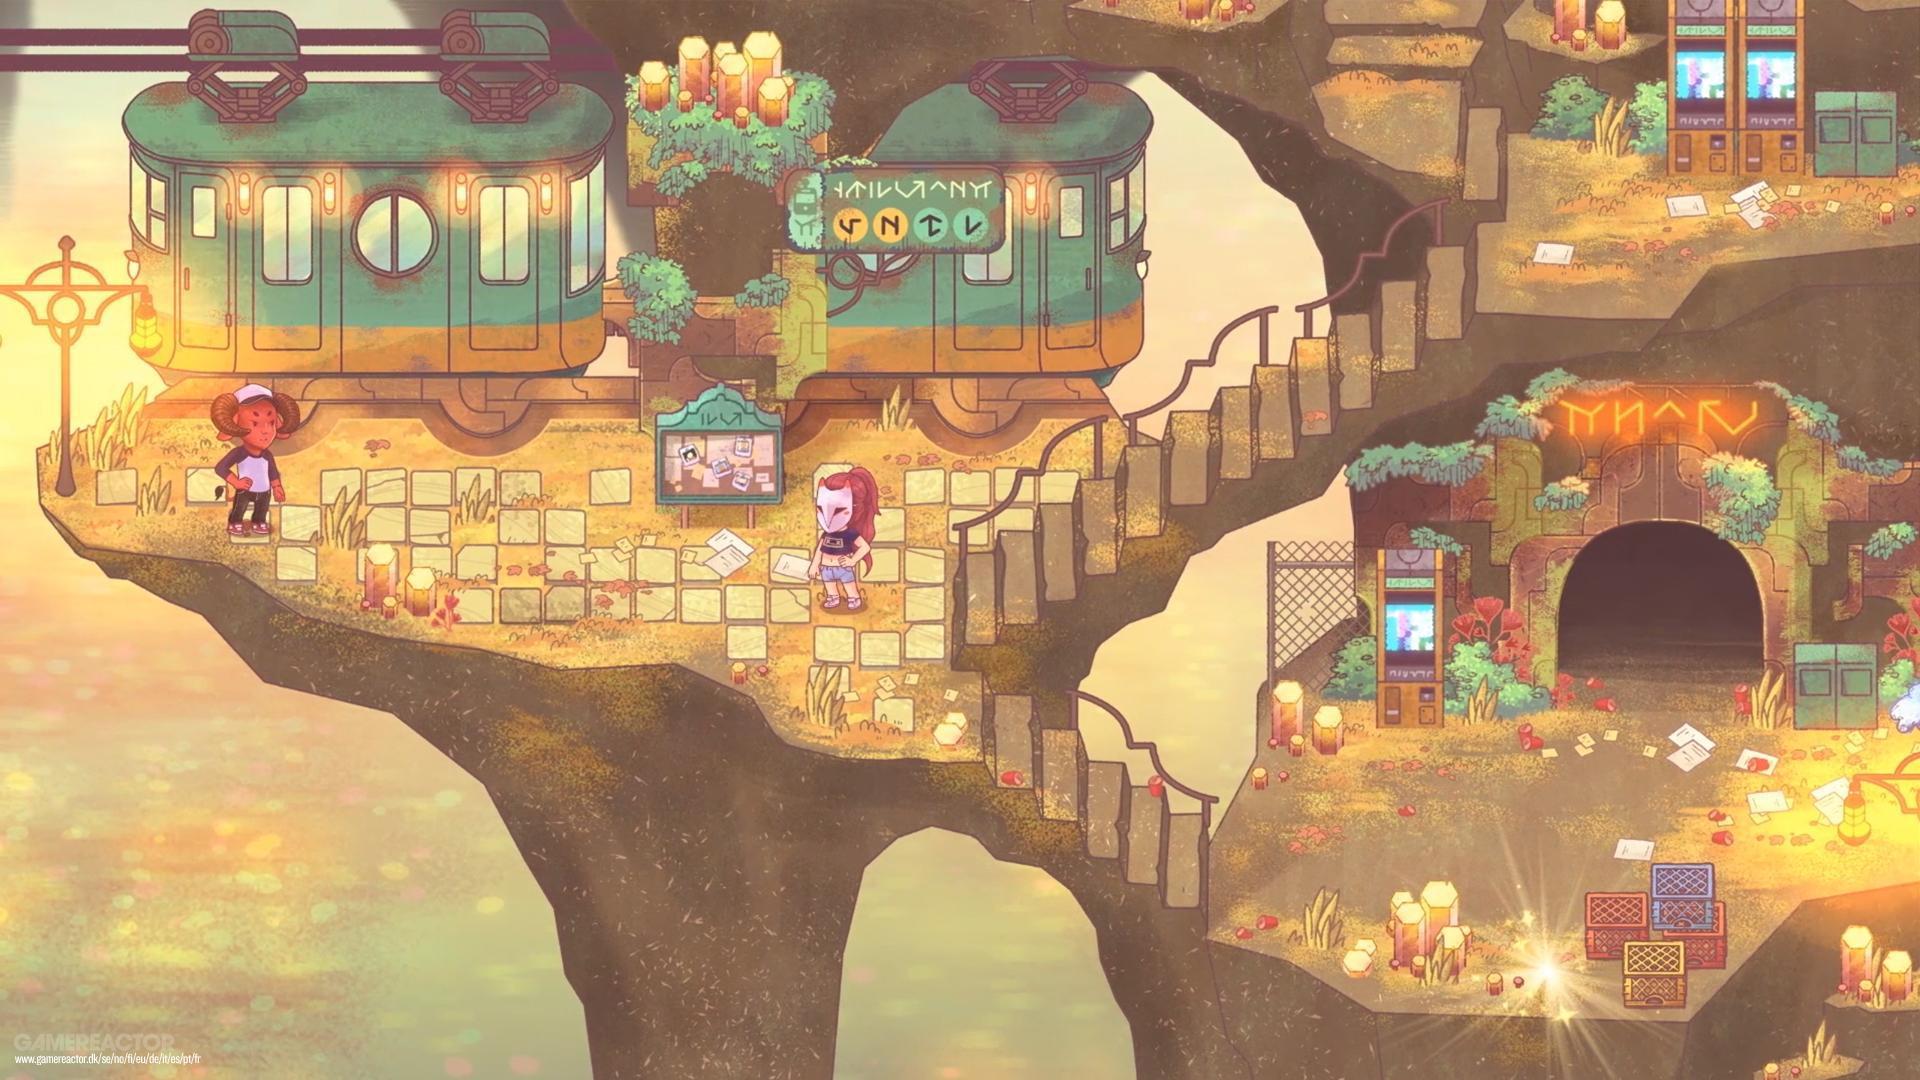 喜加一   EpicGames:The World Next Door「隔壁的世界」免费领取 捡漏福利 第2张